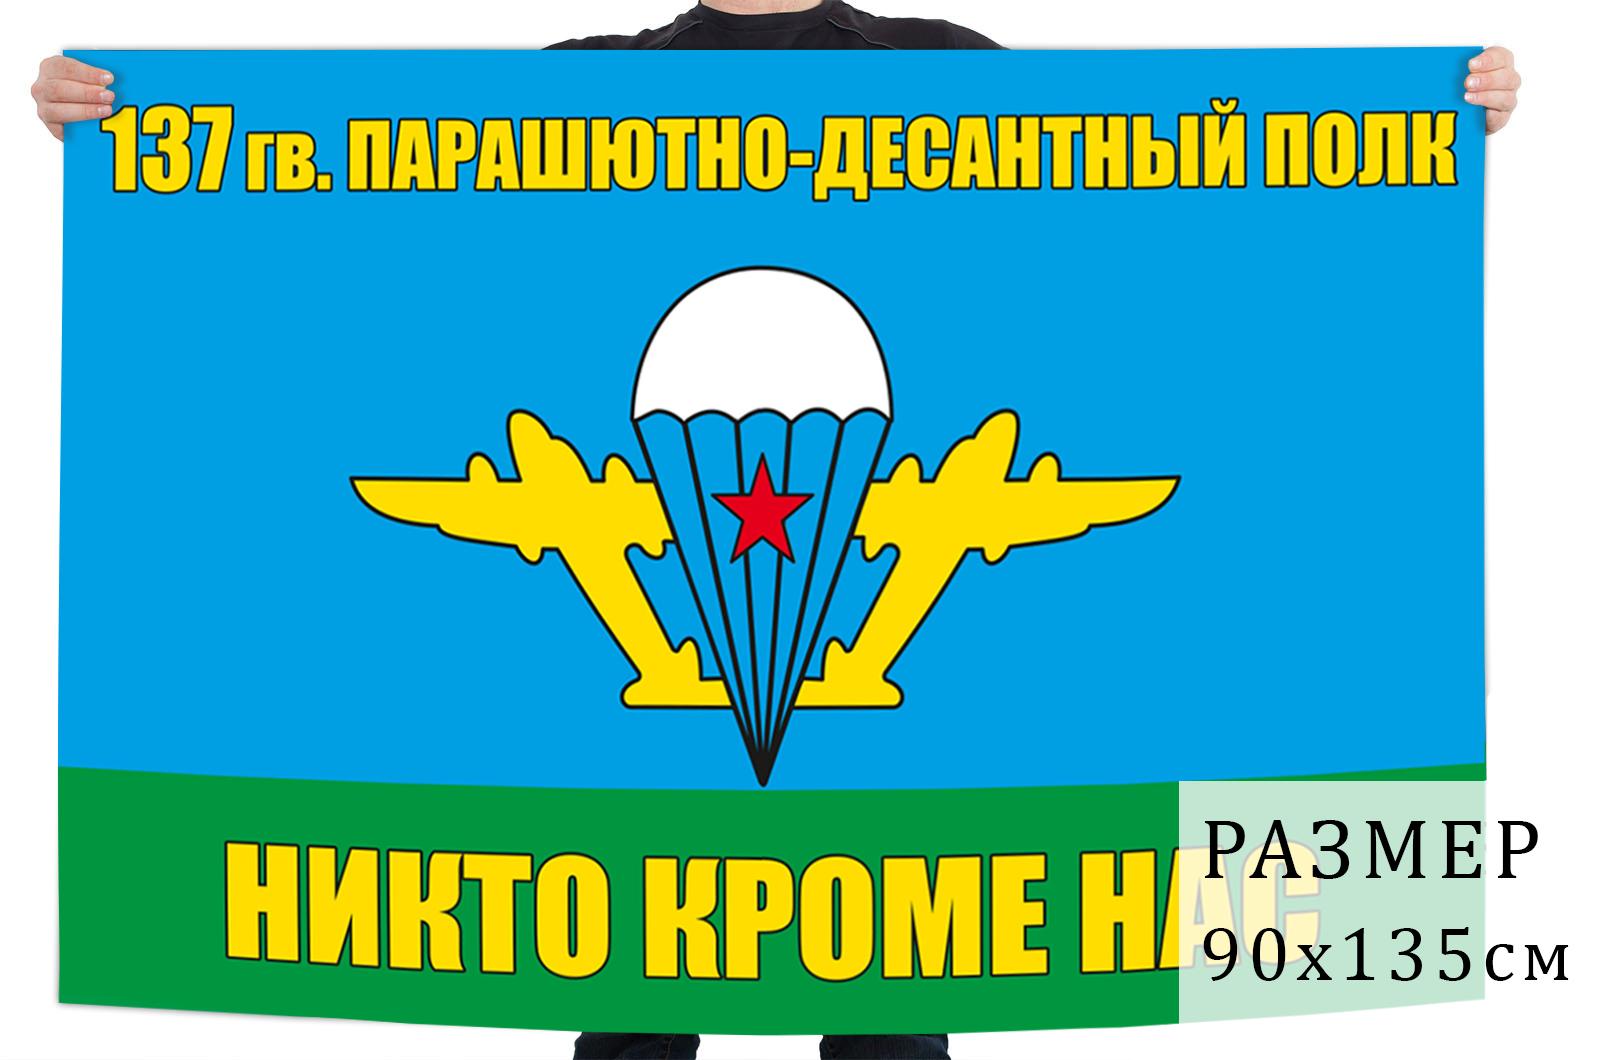 Флаг «137 гв. парашютно-десантный полк ВДВ»